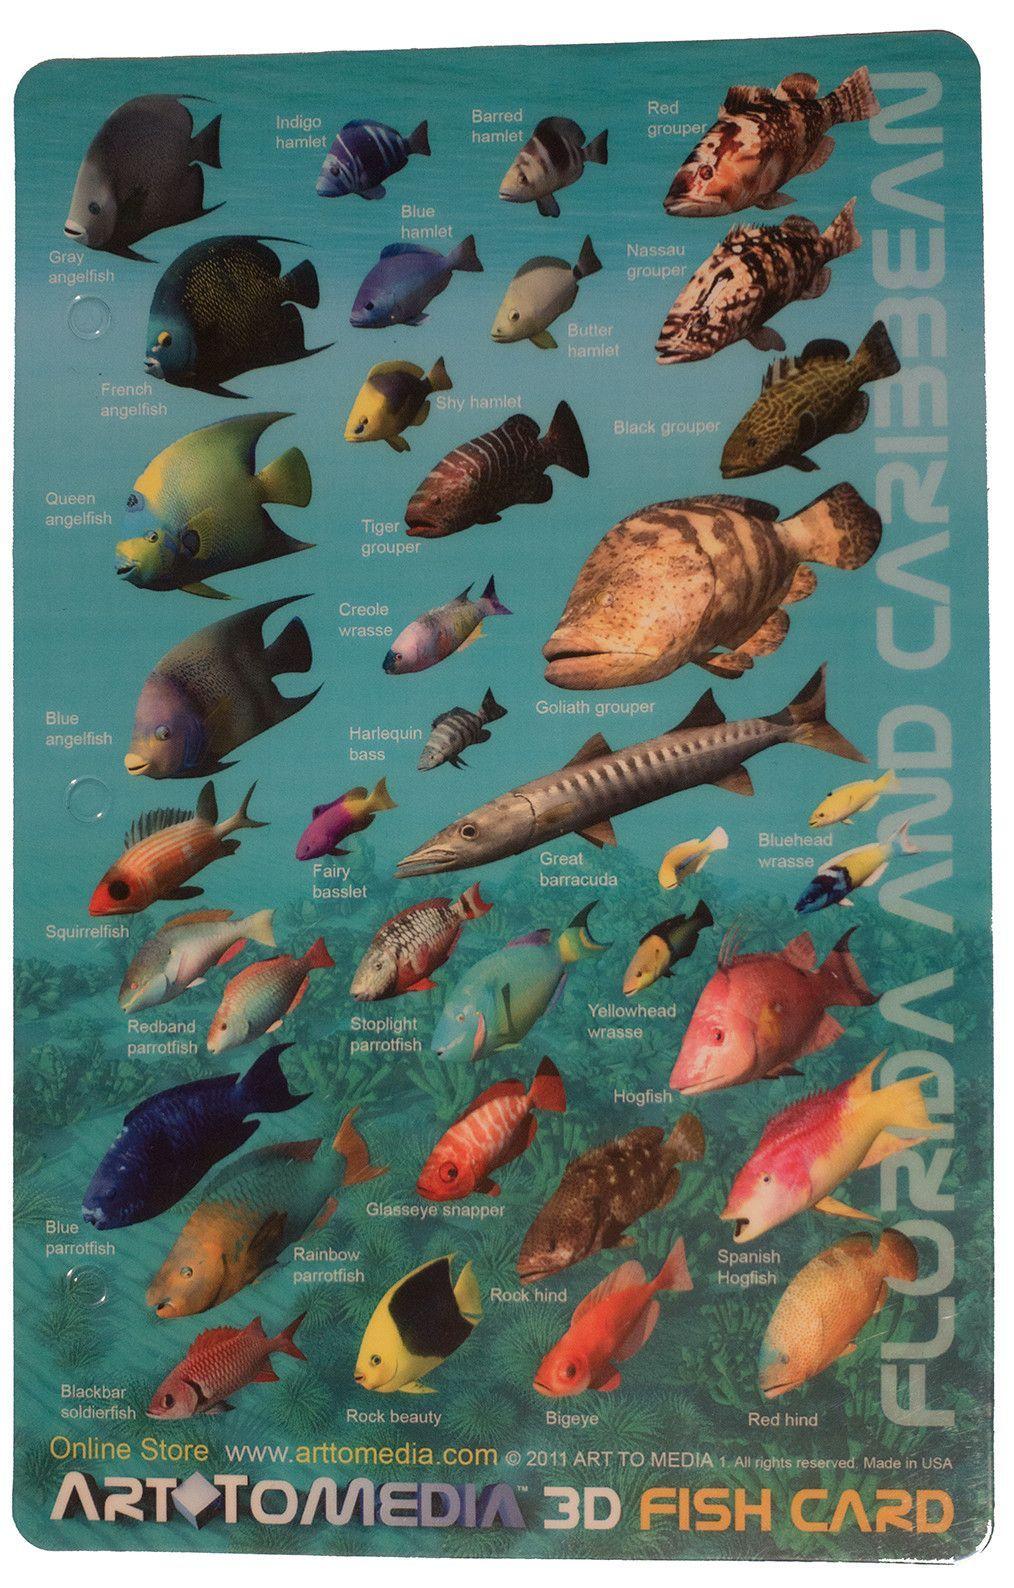 Fish aquarium identification - Florida And Caribbean Fish Identification Card